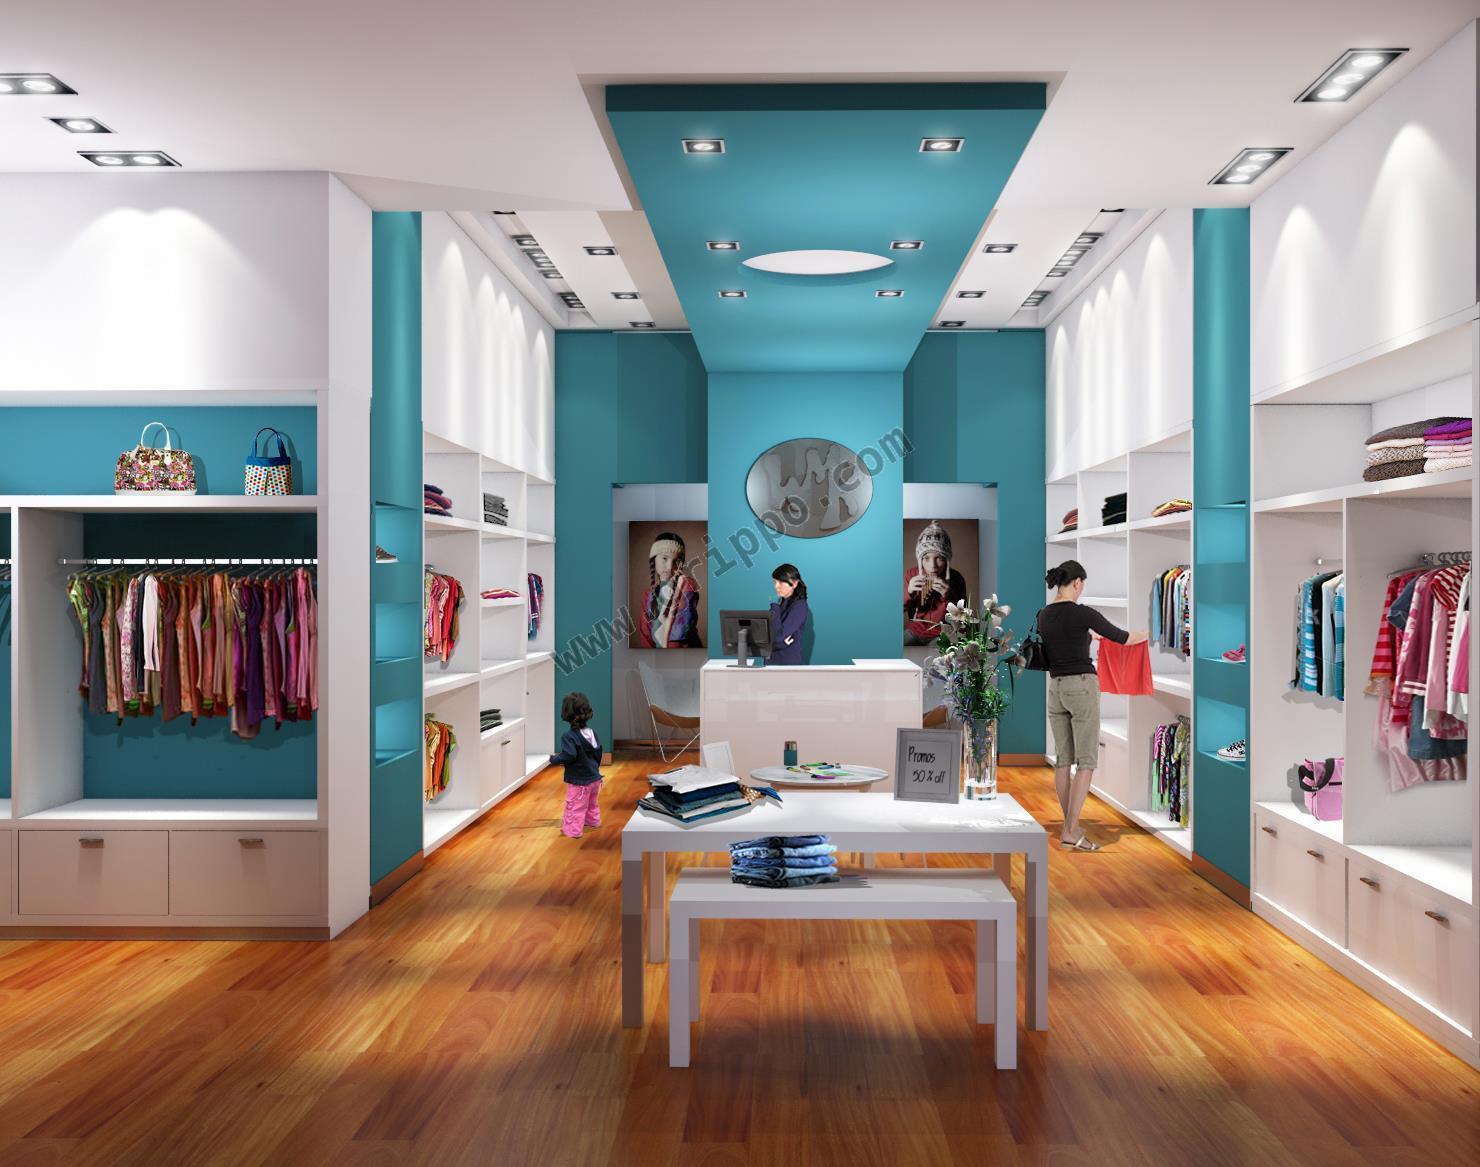 Dise o de locales comerciales y dise o de vidrieras y fachadas - Fachadas de locales comerciales ...